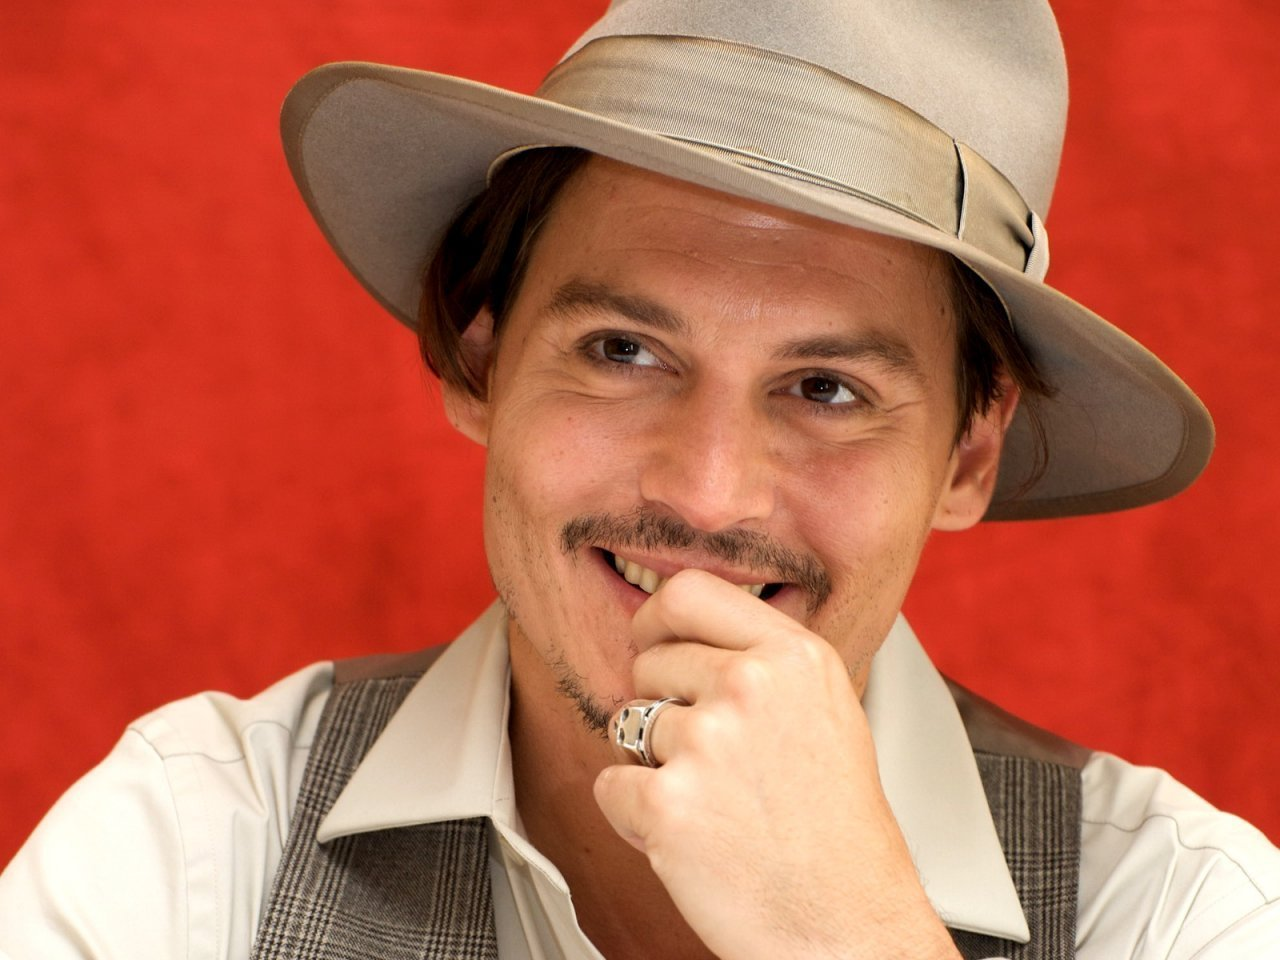 Johnny Depp - Johnny Depp Wallpaper (19373289) - Fanpop Johnny Depp/newspaper Articles